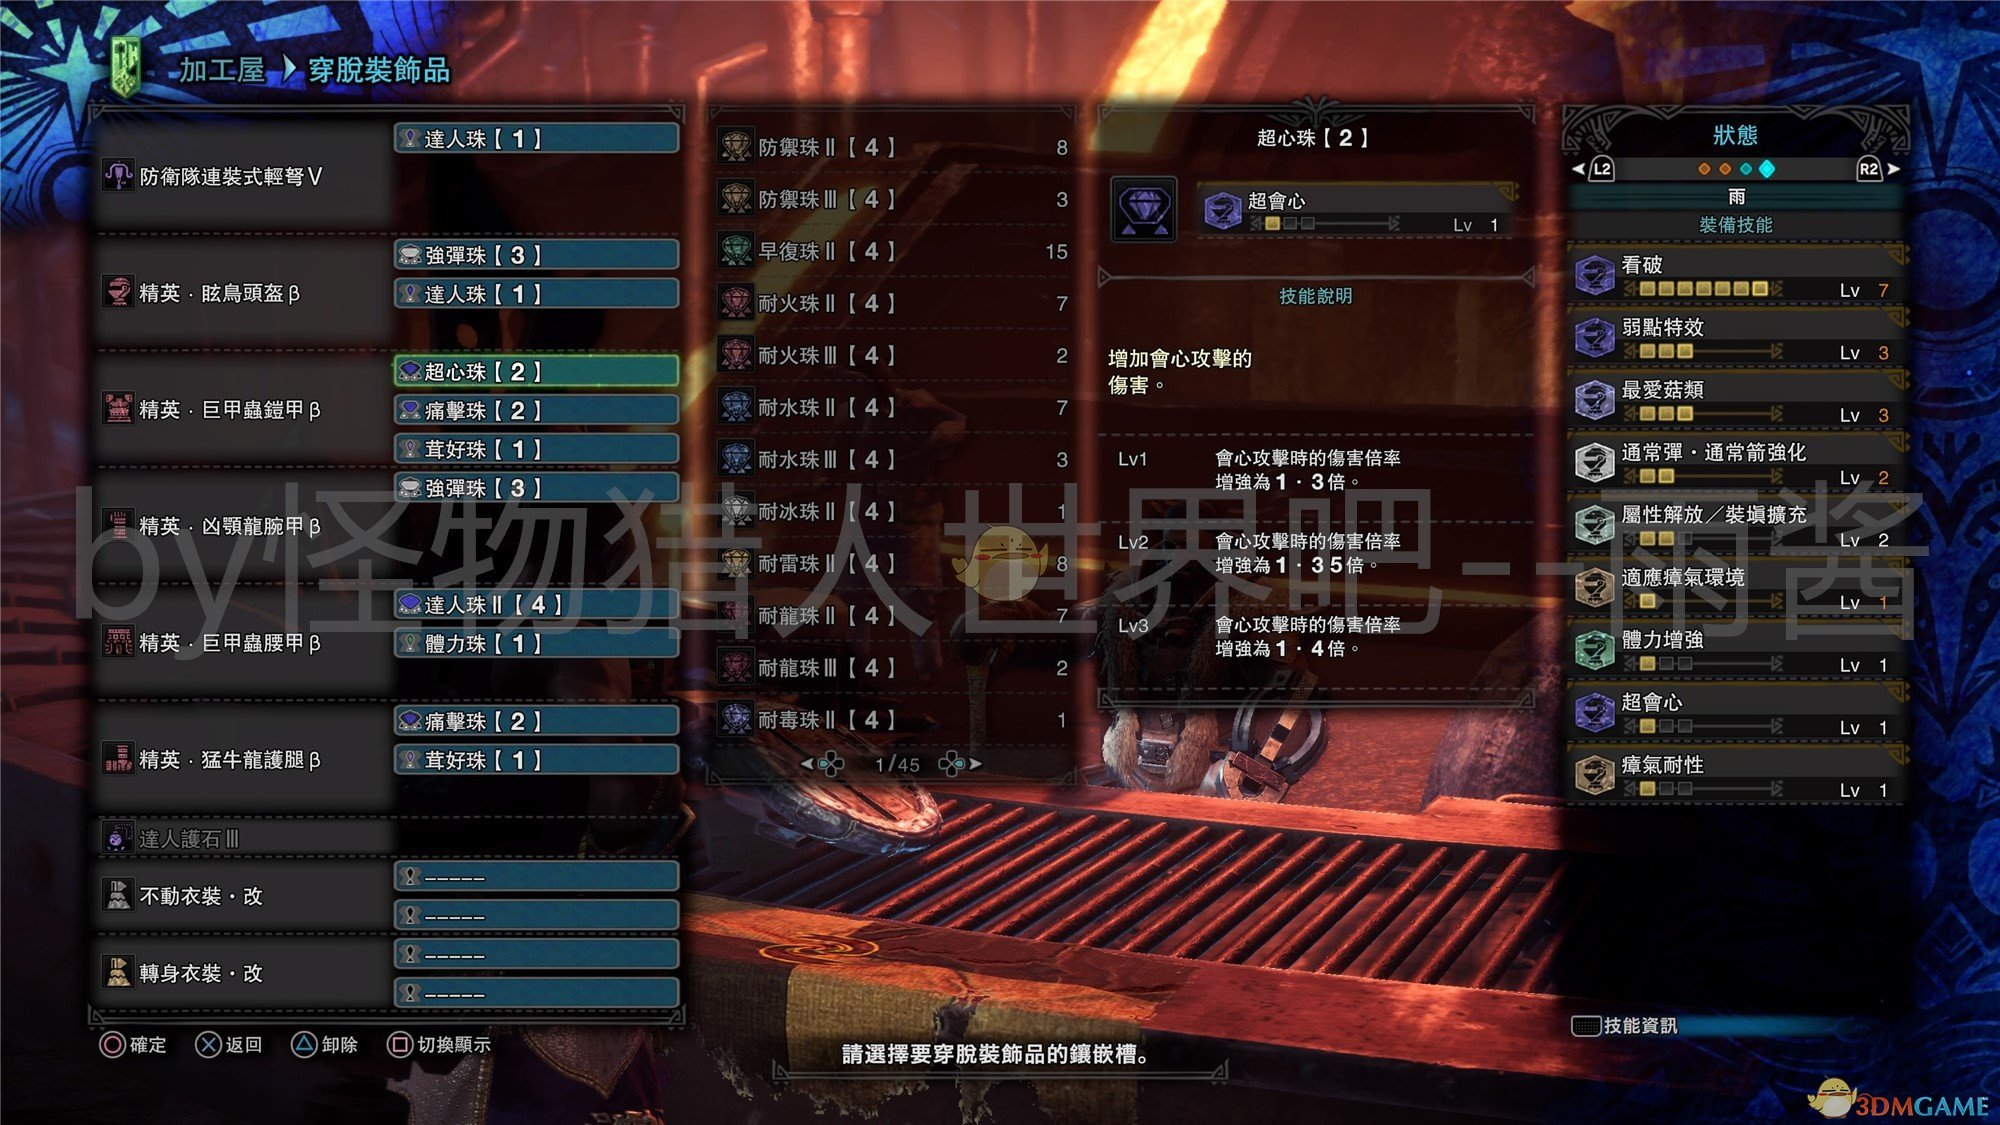 《怪物猎人:世界》冰原DLC轻弩开荒装备搭配分享